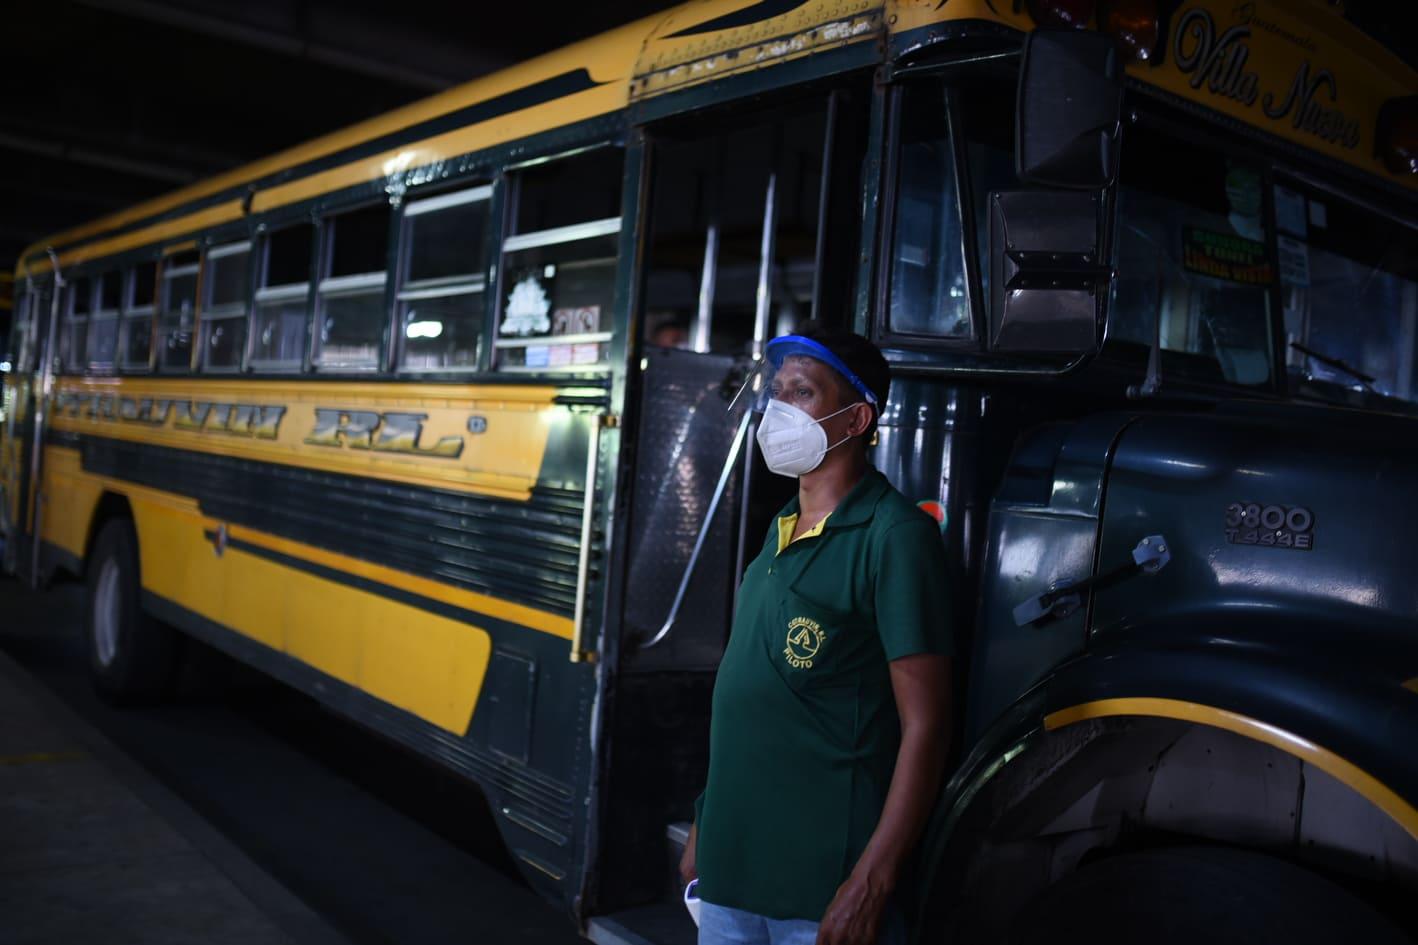 El servicio de transporte público de rutas cortas podría reaunudarse este viernes en la ciudad capital. (Foto: Publinews)